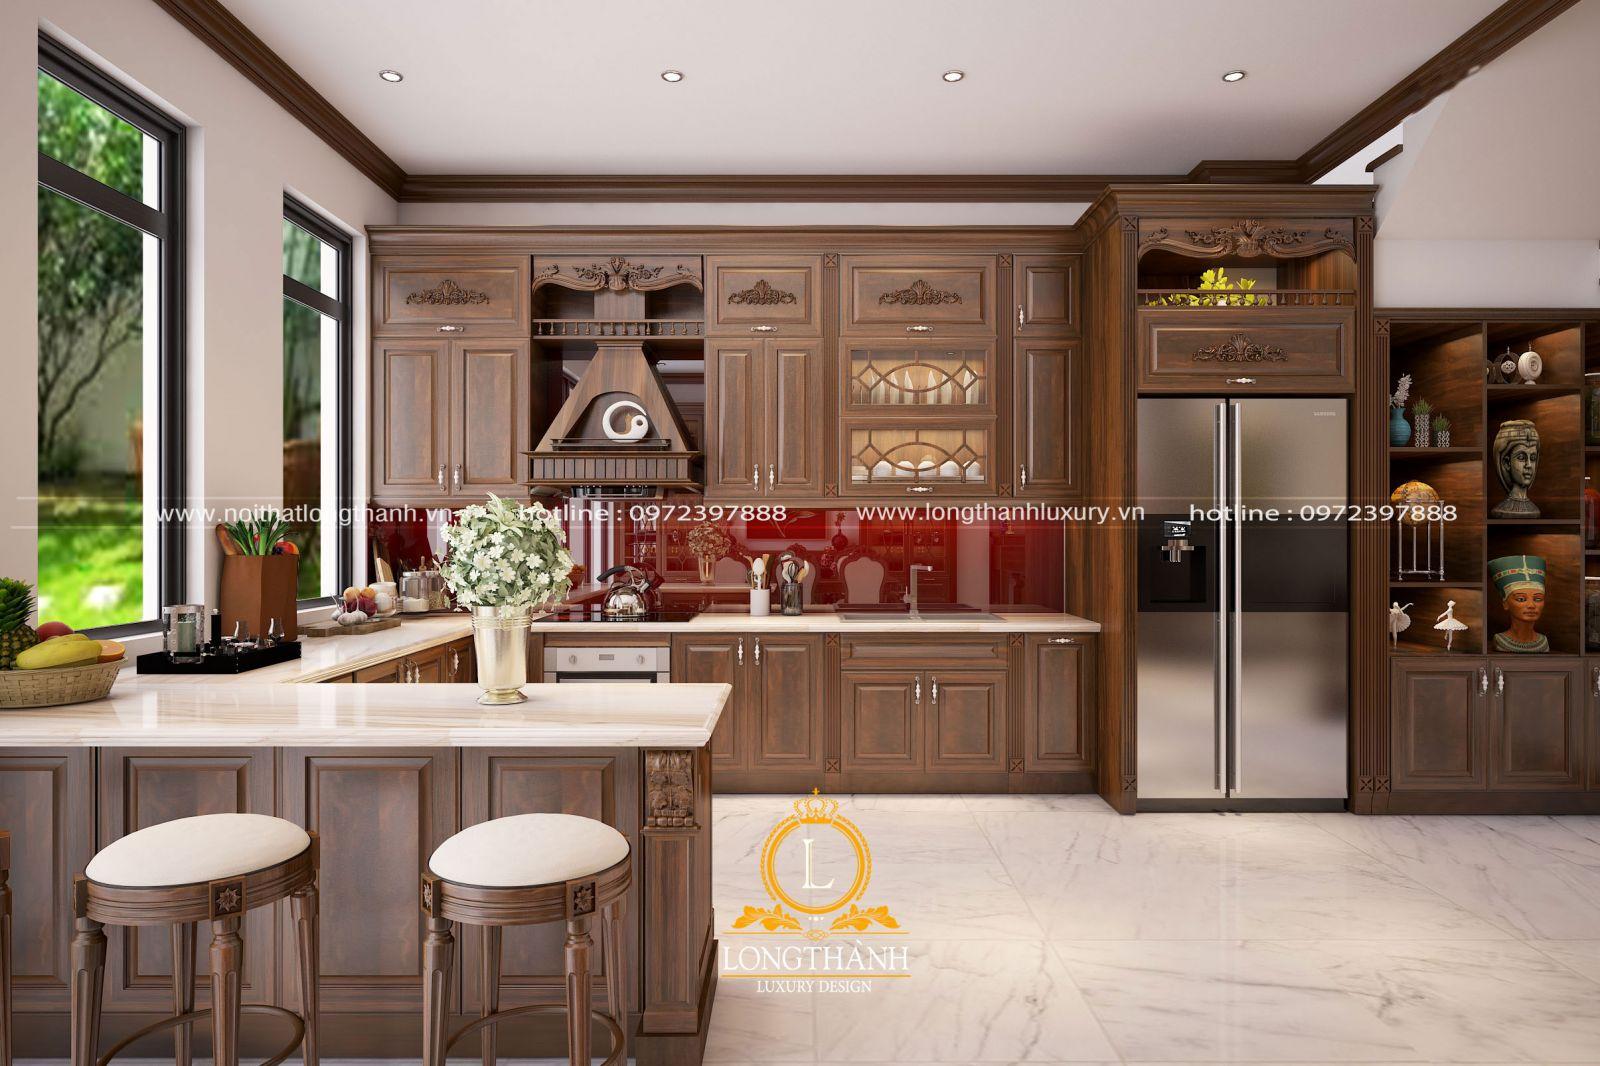 Mẫu tủ bếp thiết kế độc đáo  và linh hoạt trong điều kiện không gian thực tế